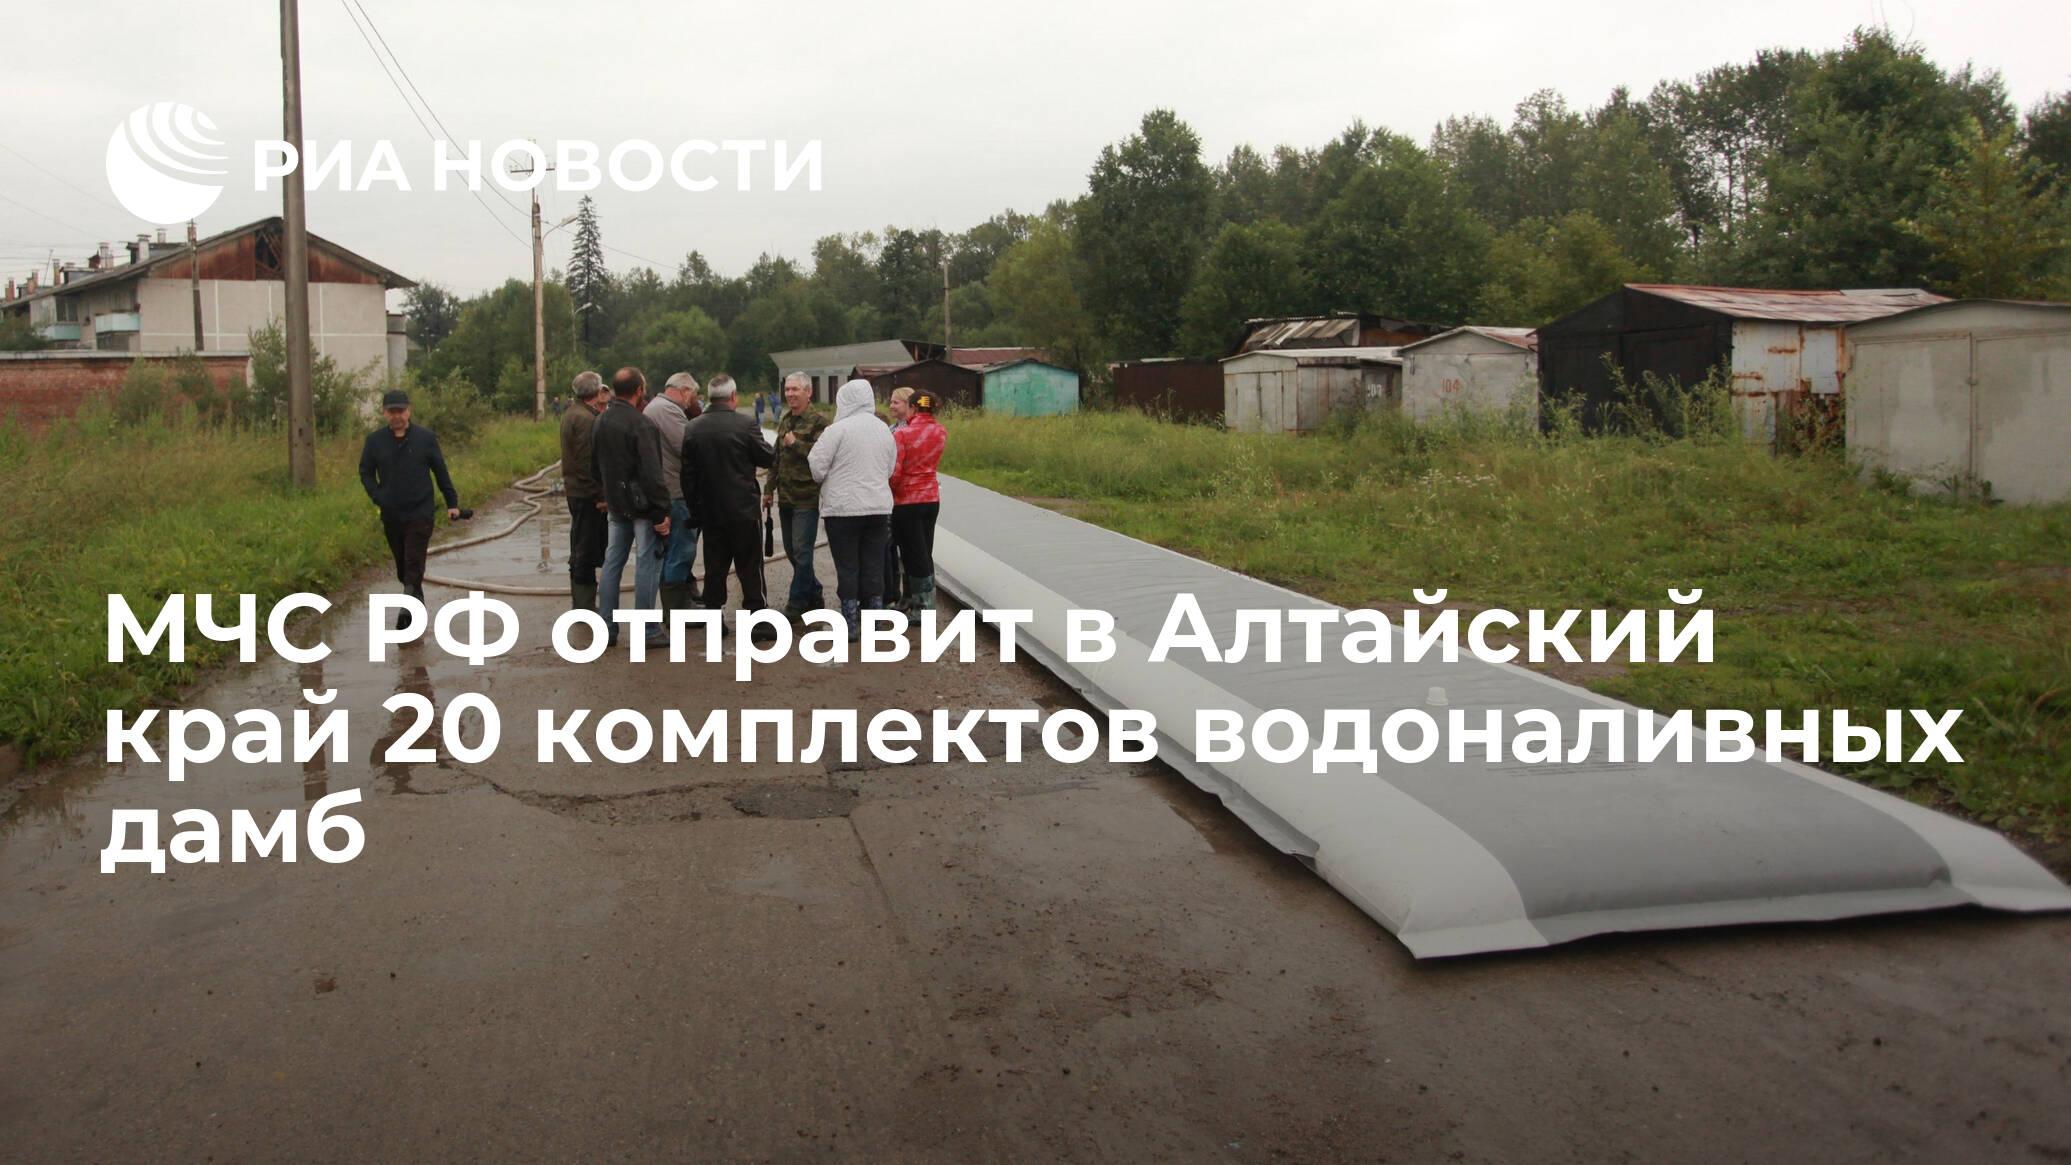 МЧС РФ отправит в Алтайский край 20 комплектов водоналивных дамб